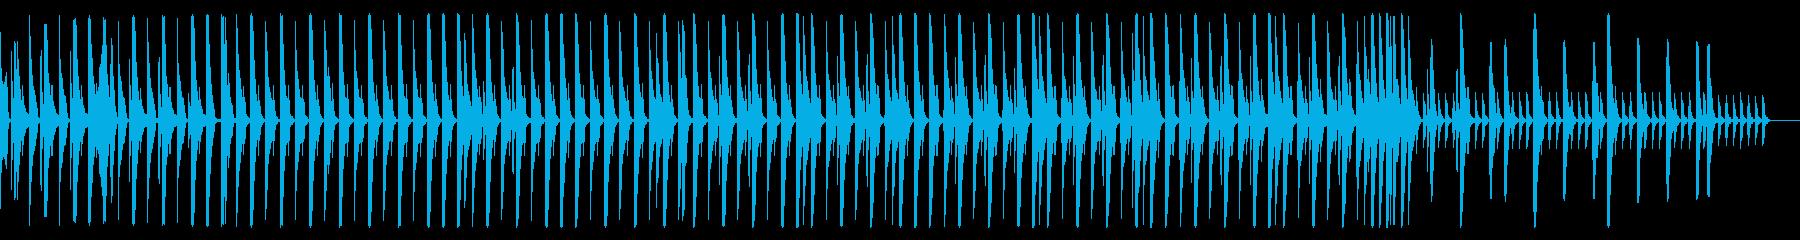 EDM風 リズムのみ 1分の再生済みの波形